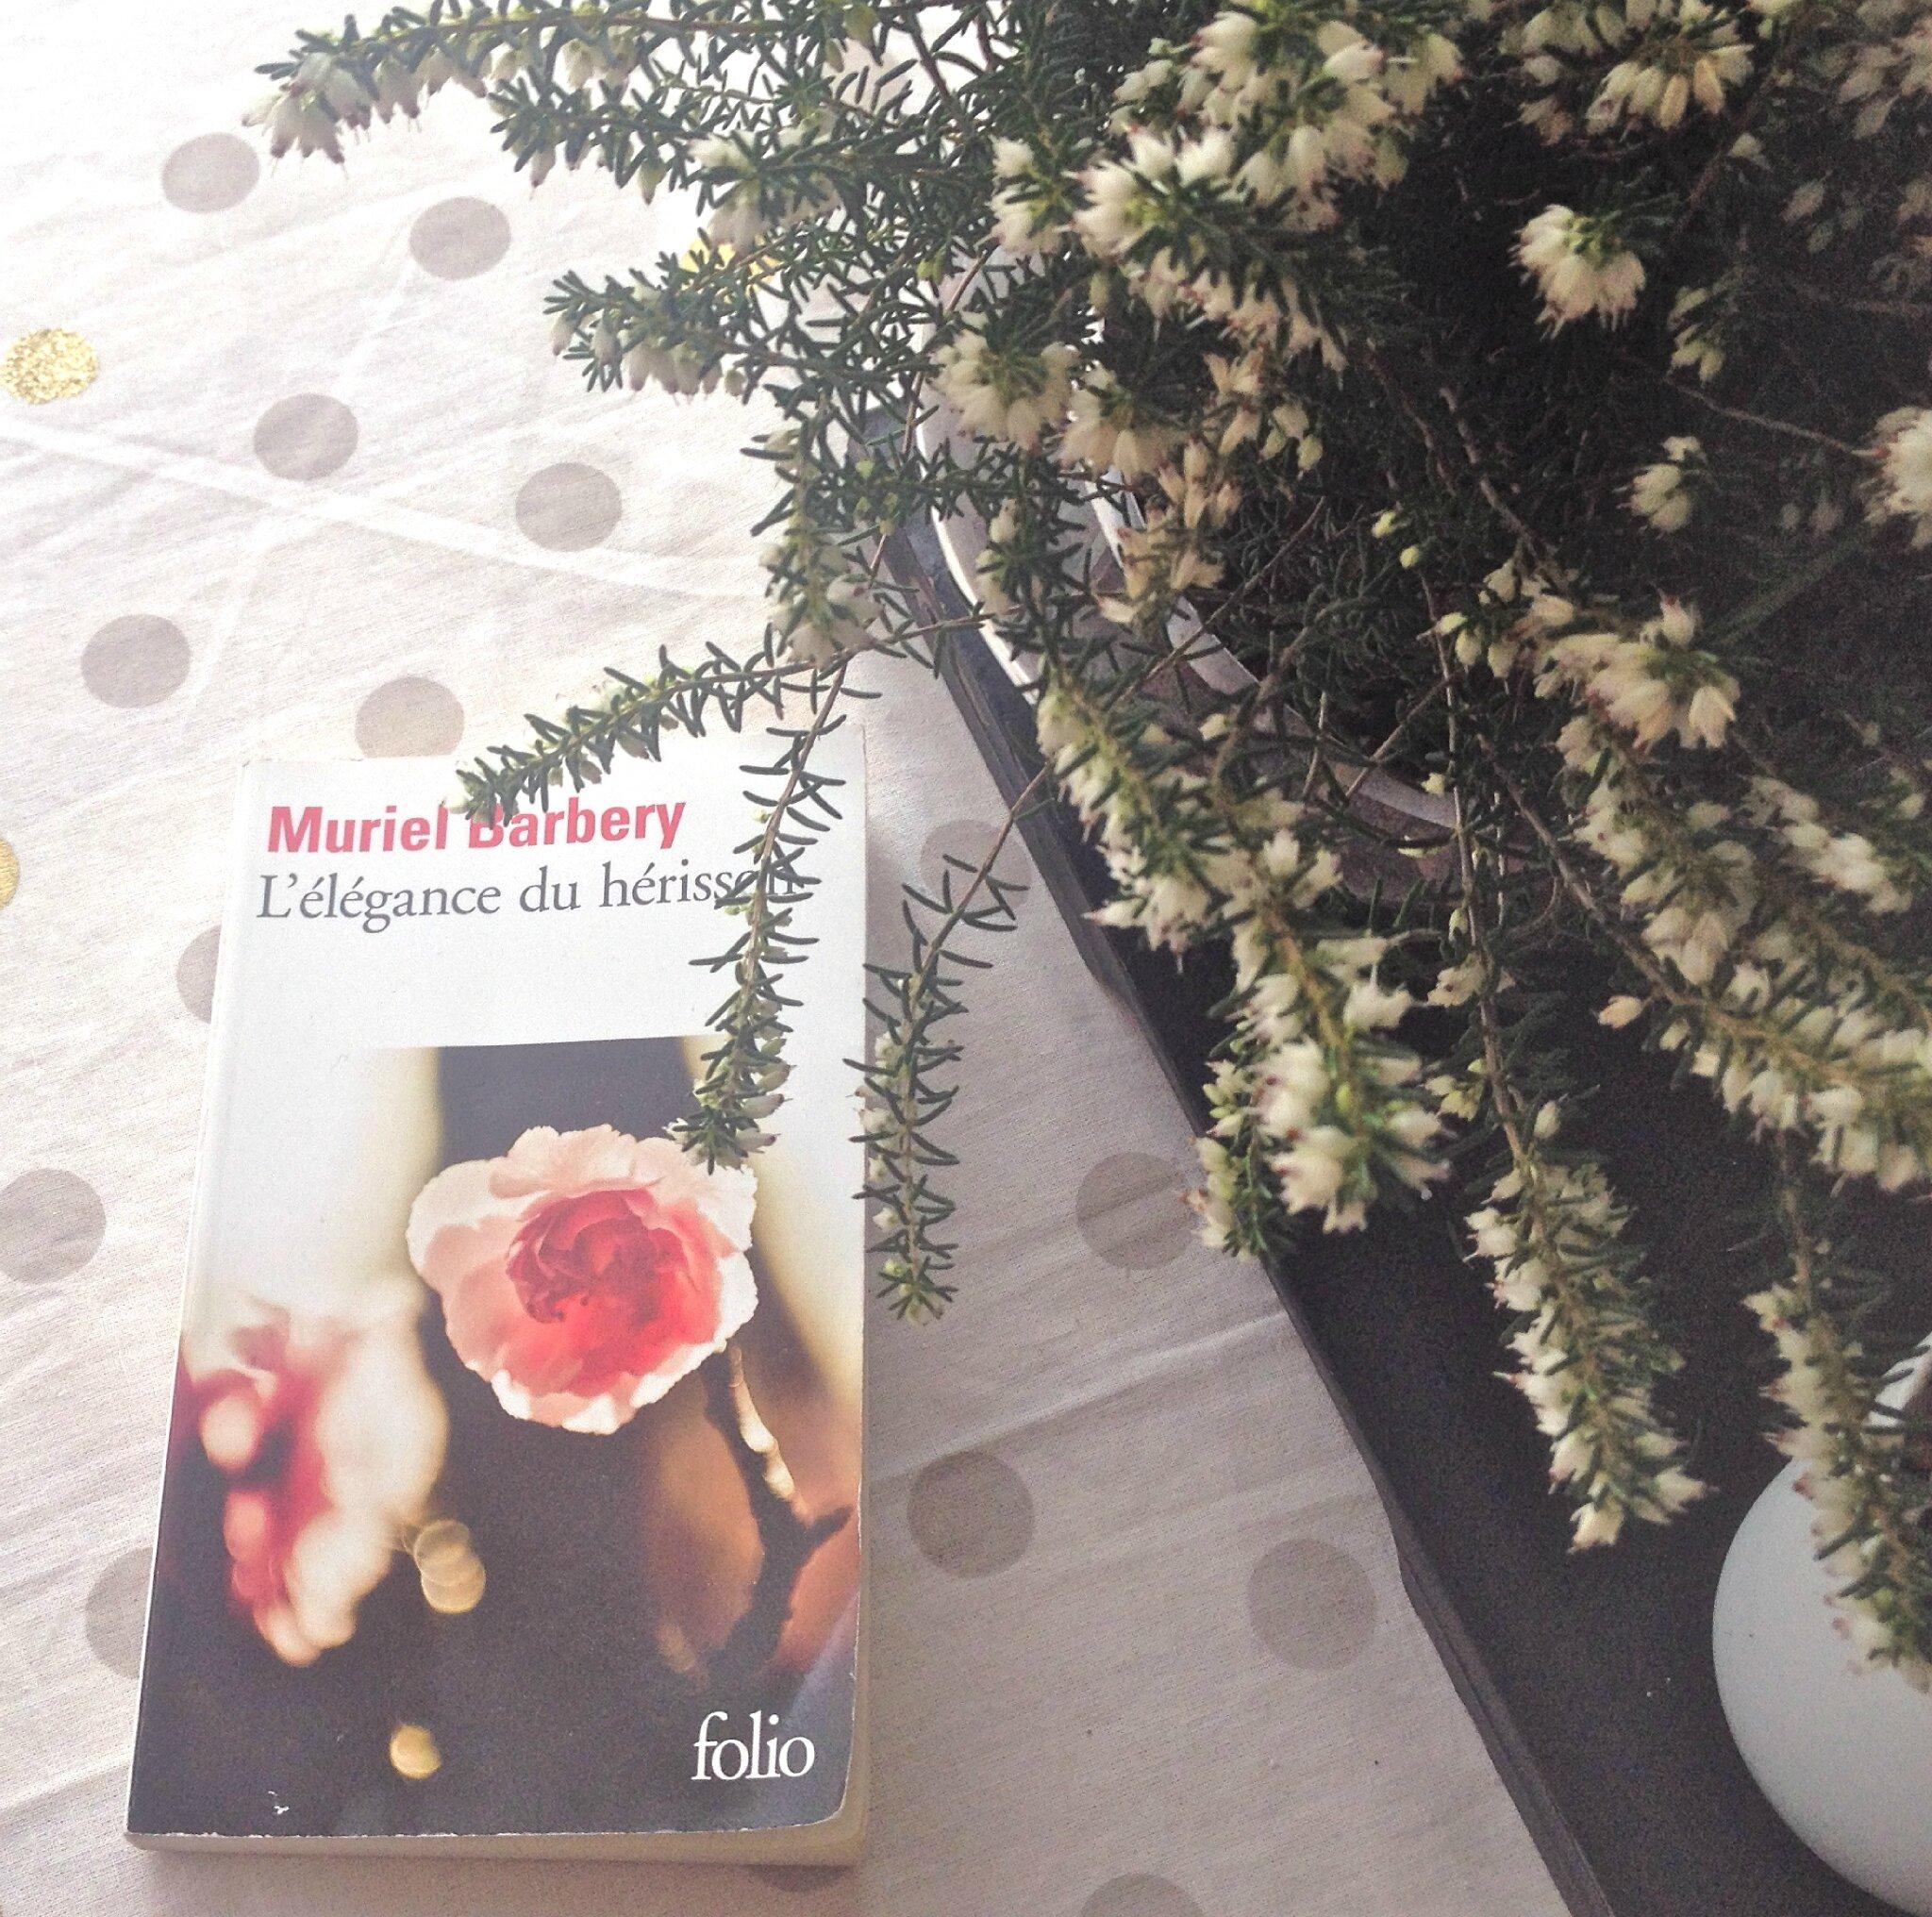 Un peu de lecture #17 : L'élégance du hérisson de Muriel Barbery (et habitudes littéraires de votre dévouée Curieuse...!)